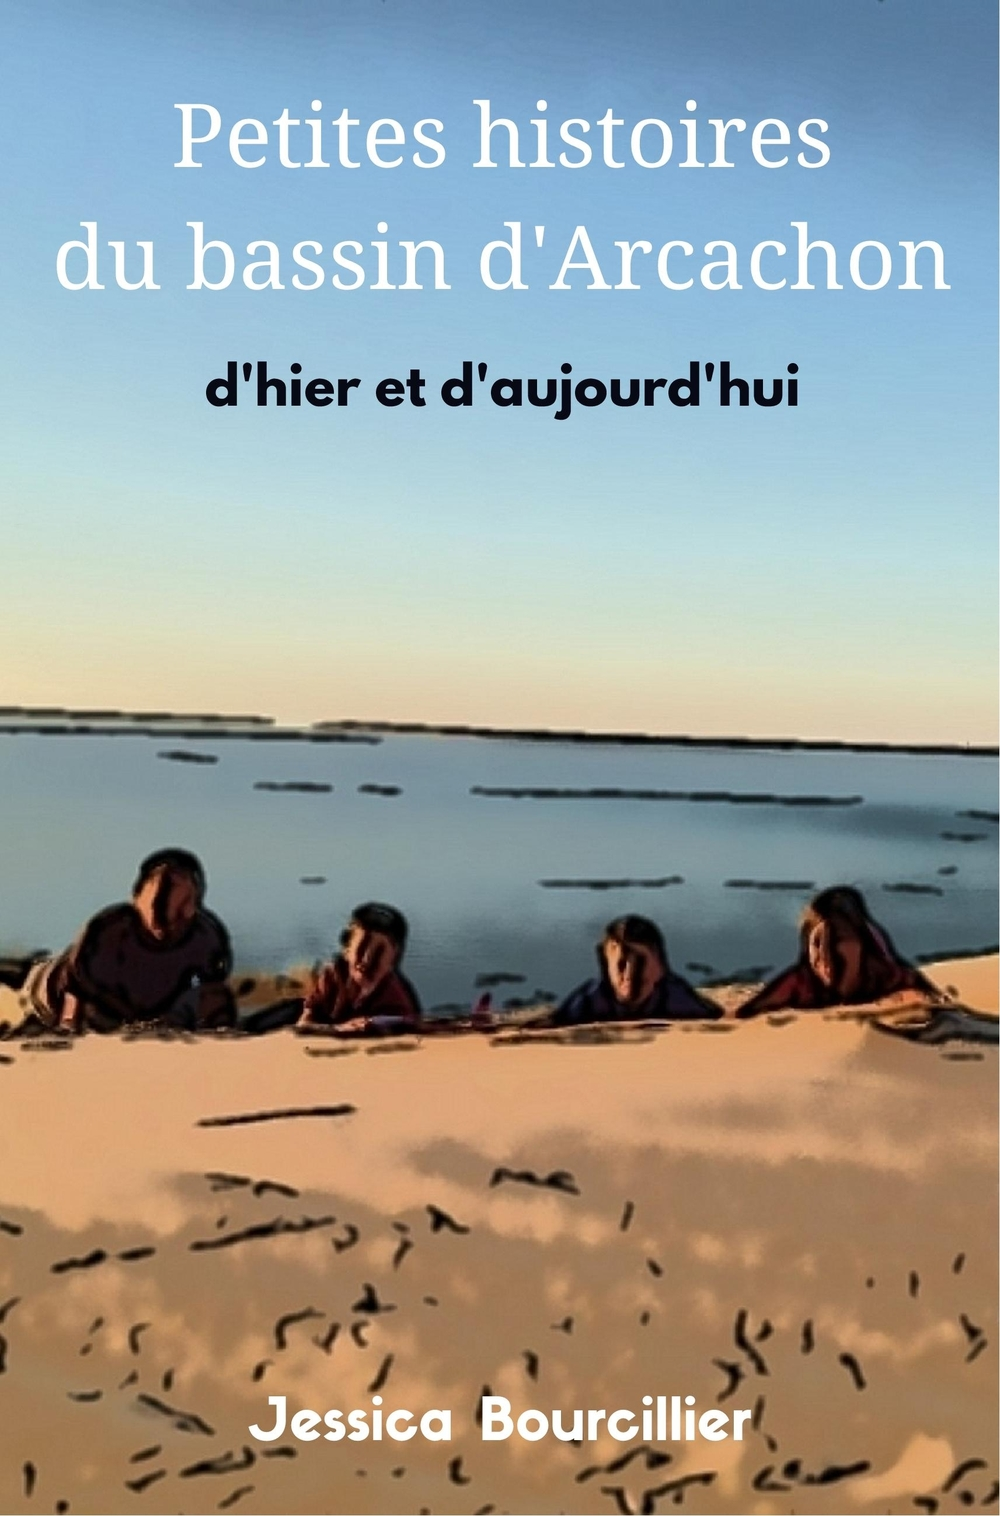 Petites histoires du Bassin d'Arcachon